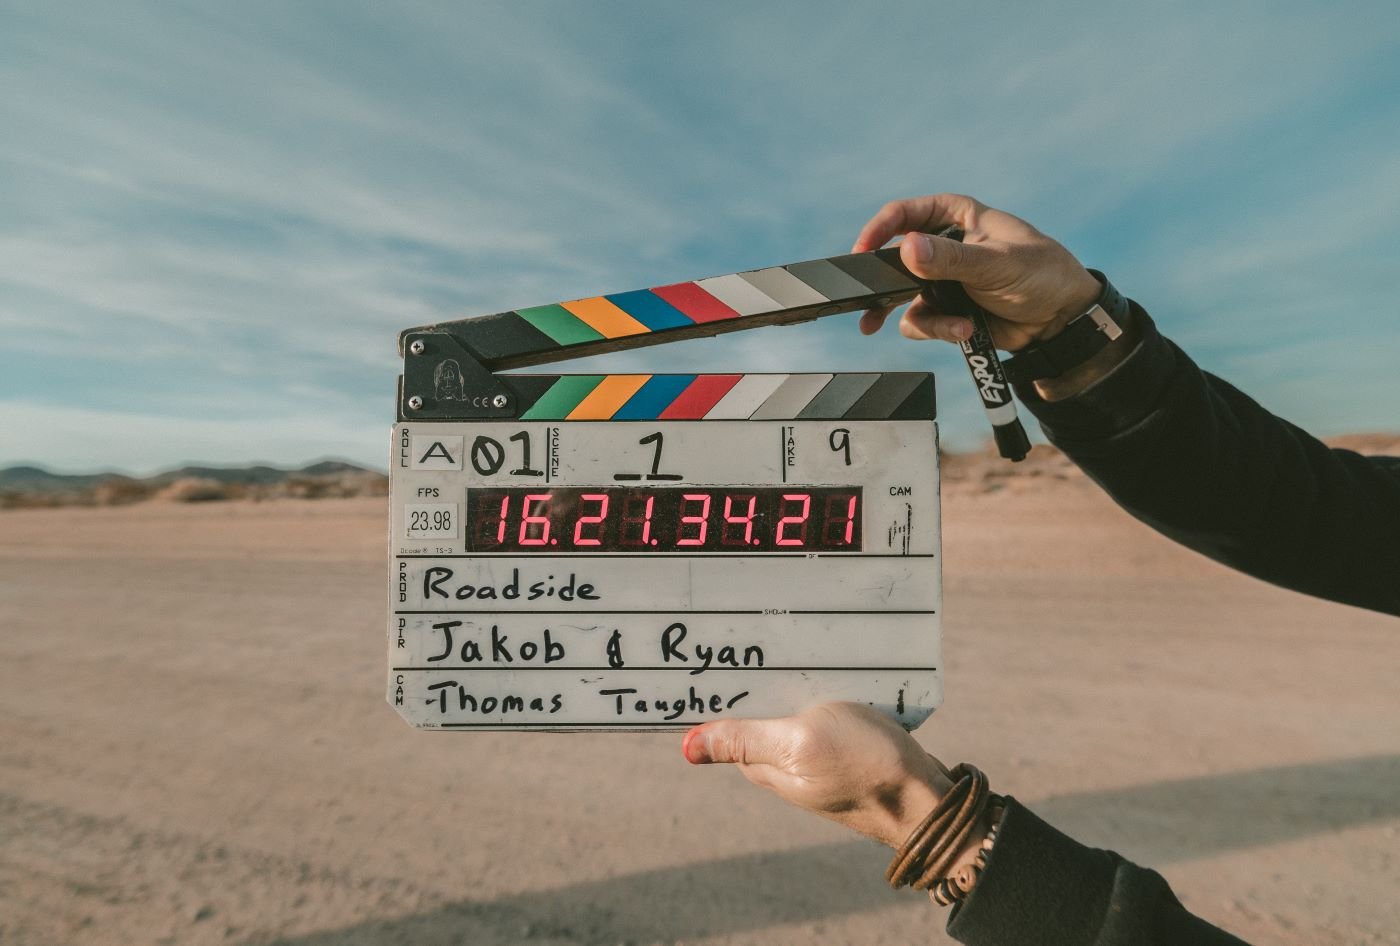 film team building